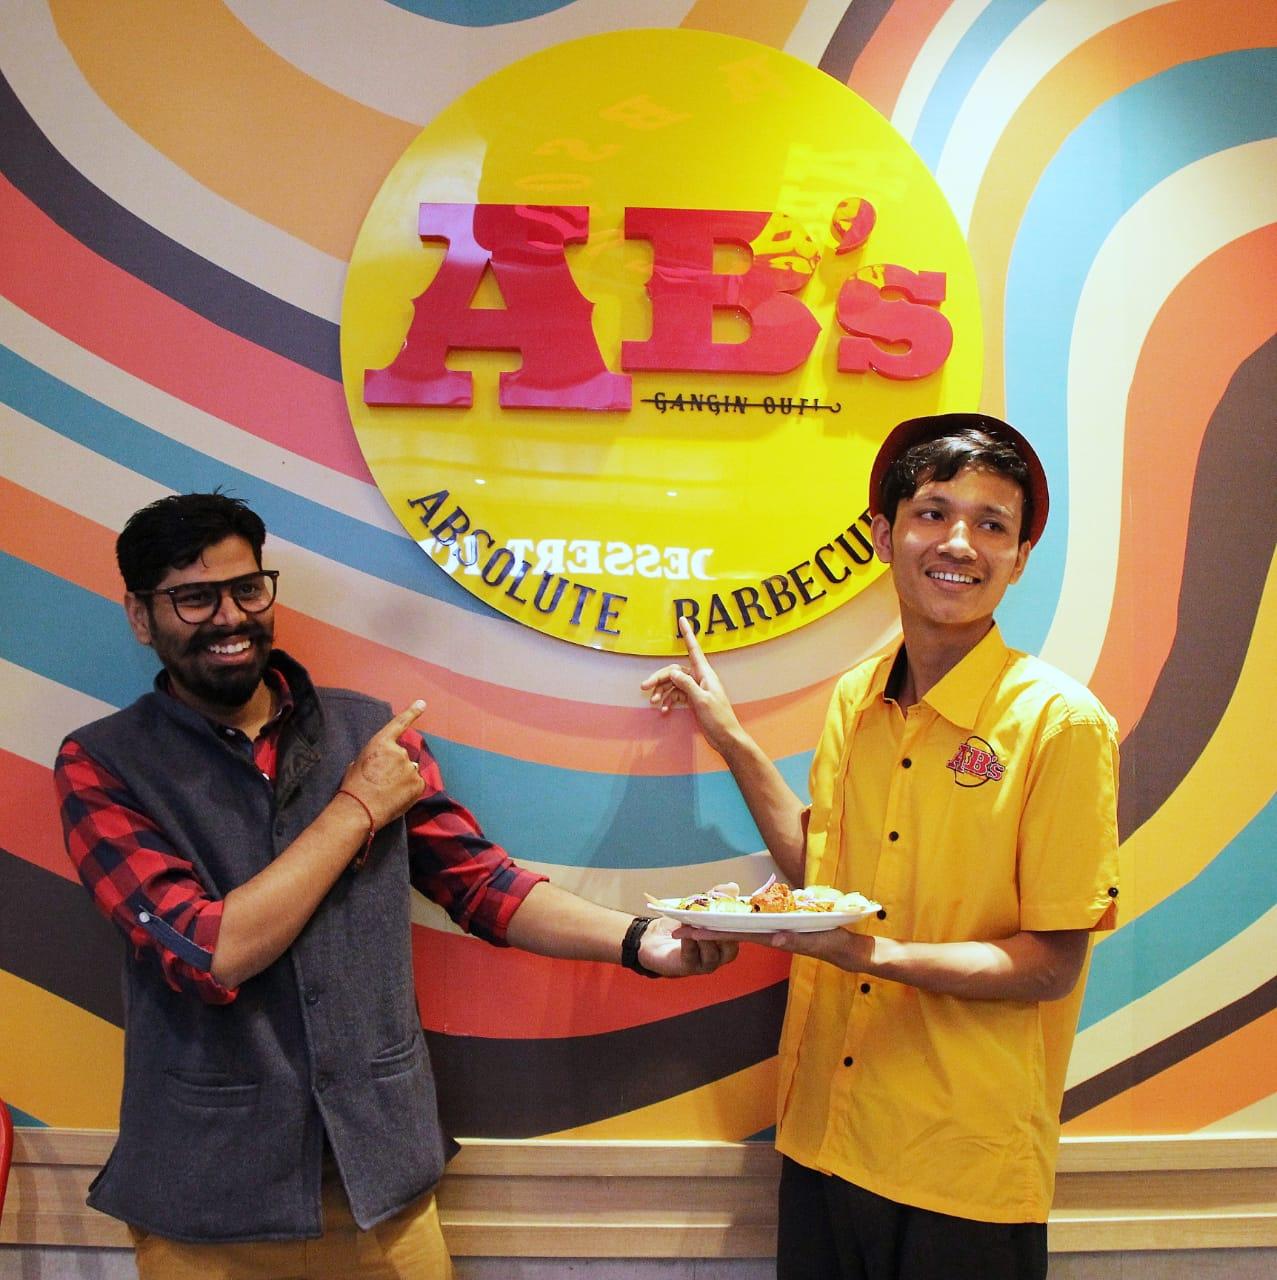 एब्सलूट बार्बेक्यू रेस्टोरेंट के सुरजीत त्रिपुरा ने अपने डांस मूव्स से बनाया सबको दीवाना, बने इंटरनेट सेंसेशन! 2